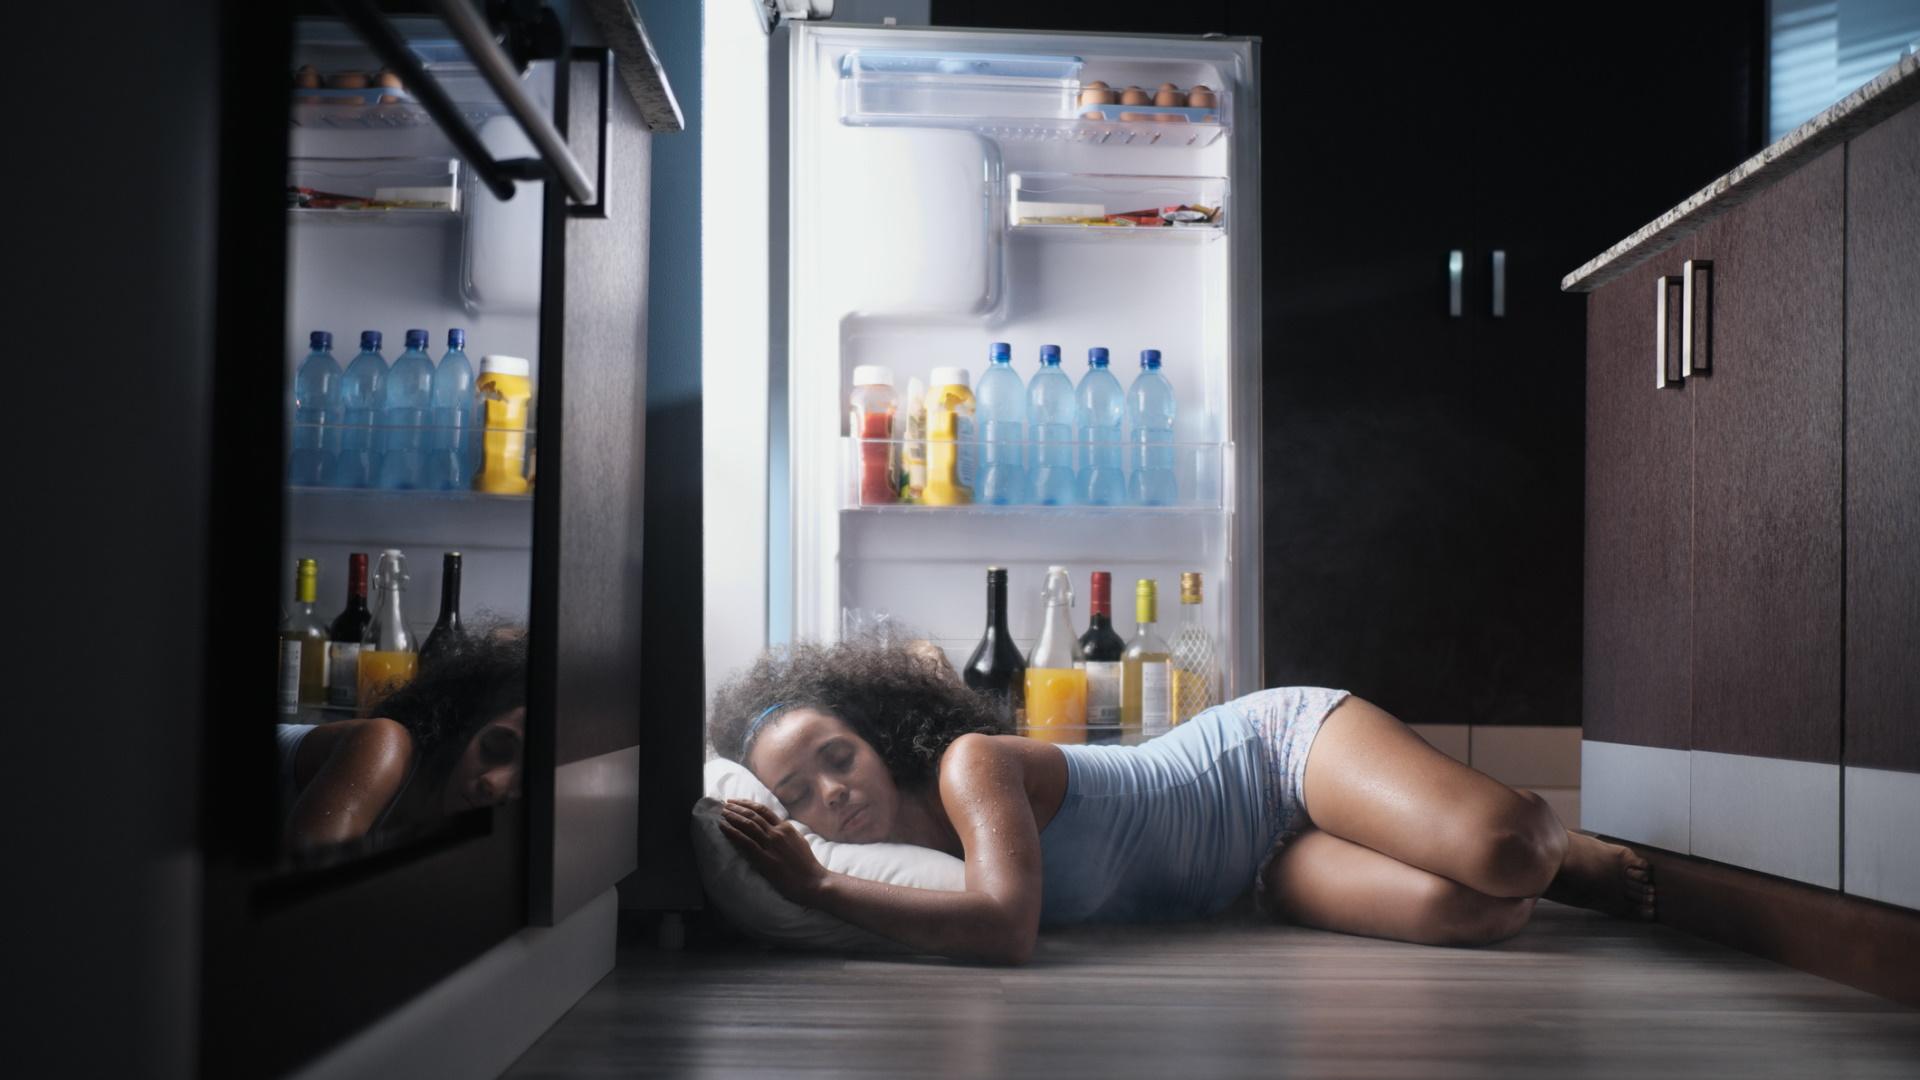 <p><strong>Преживейте го</strong></p>  <p>Повечето от нас имат нужда от 7-8 часа сън на нощ, за да функционираме правилно. Но също така повечето от нас се справят и когато за нощ или две не спим толкова качествено или дълго. Да, ще се прозяваме повече, но ще сме добре. Лято е, преживейте го.</p>